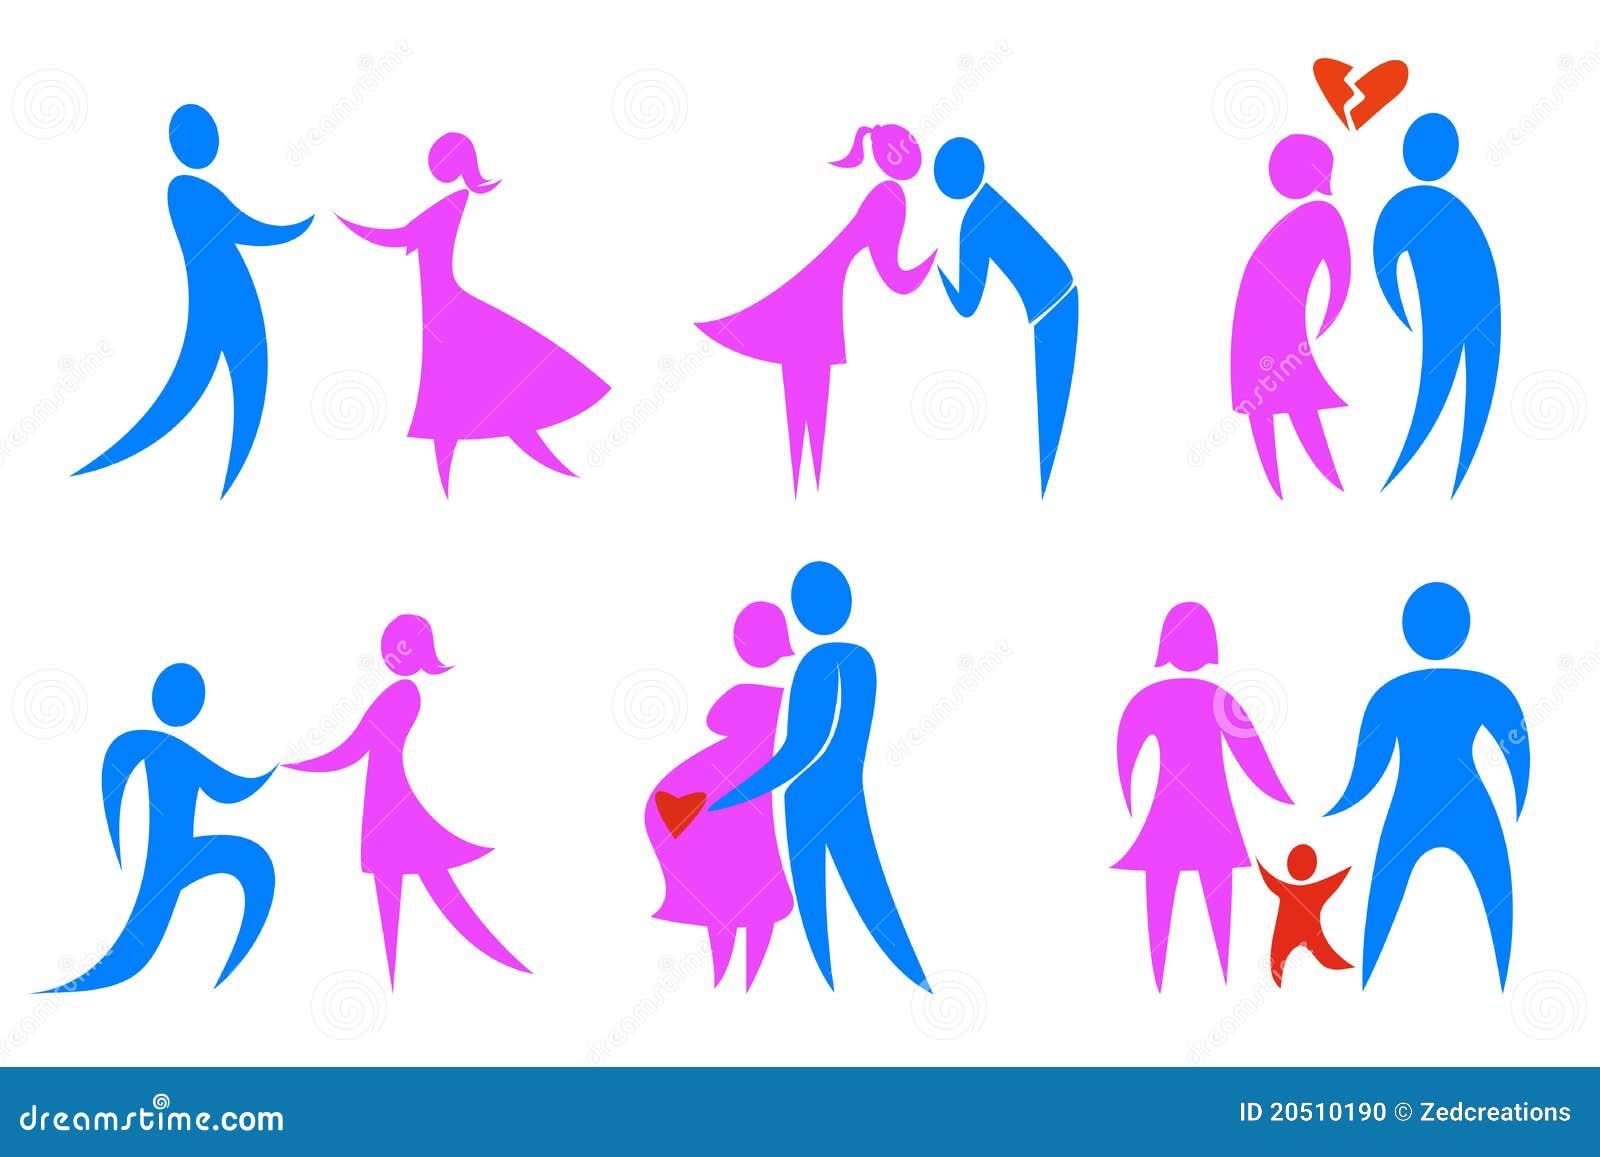 Iconos del concepto de familia